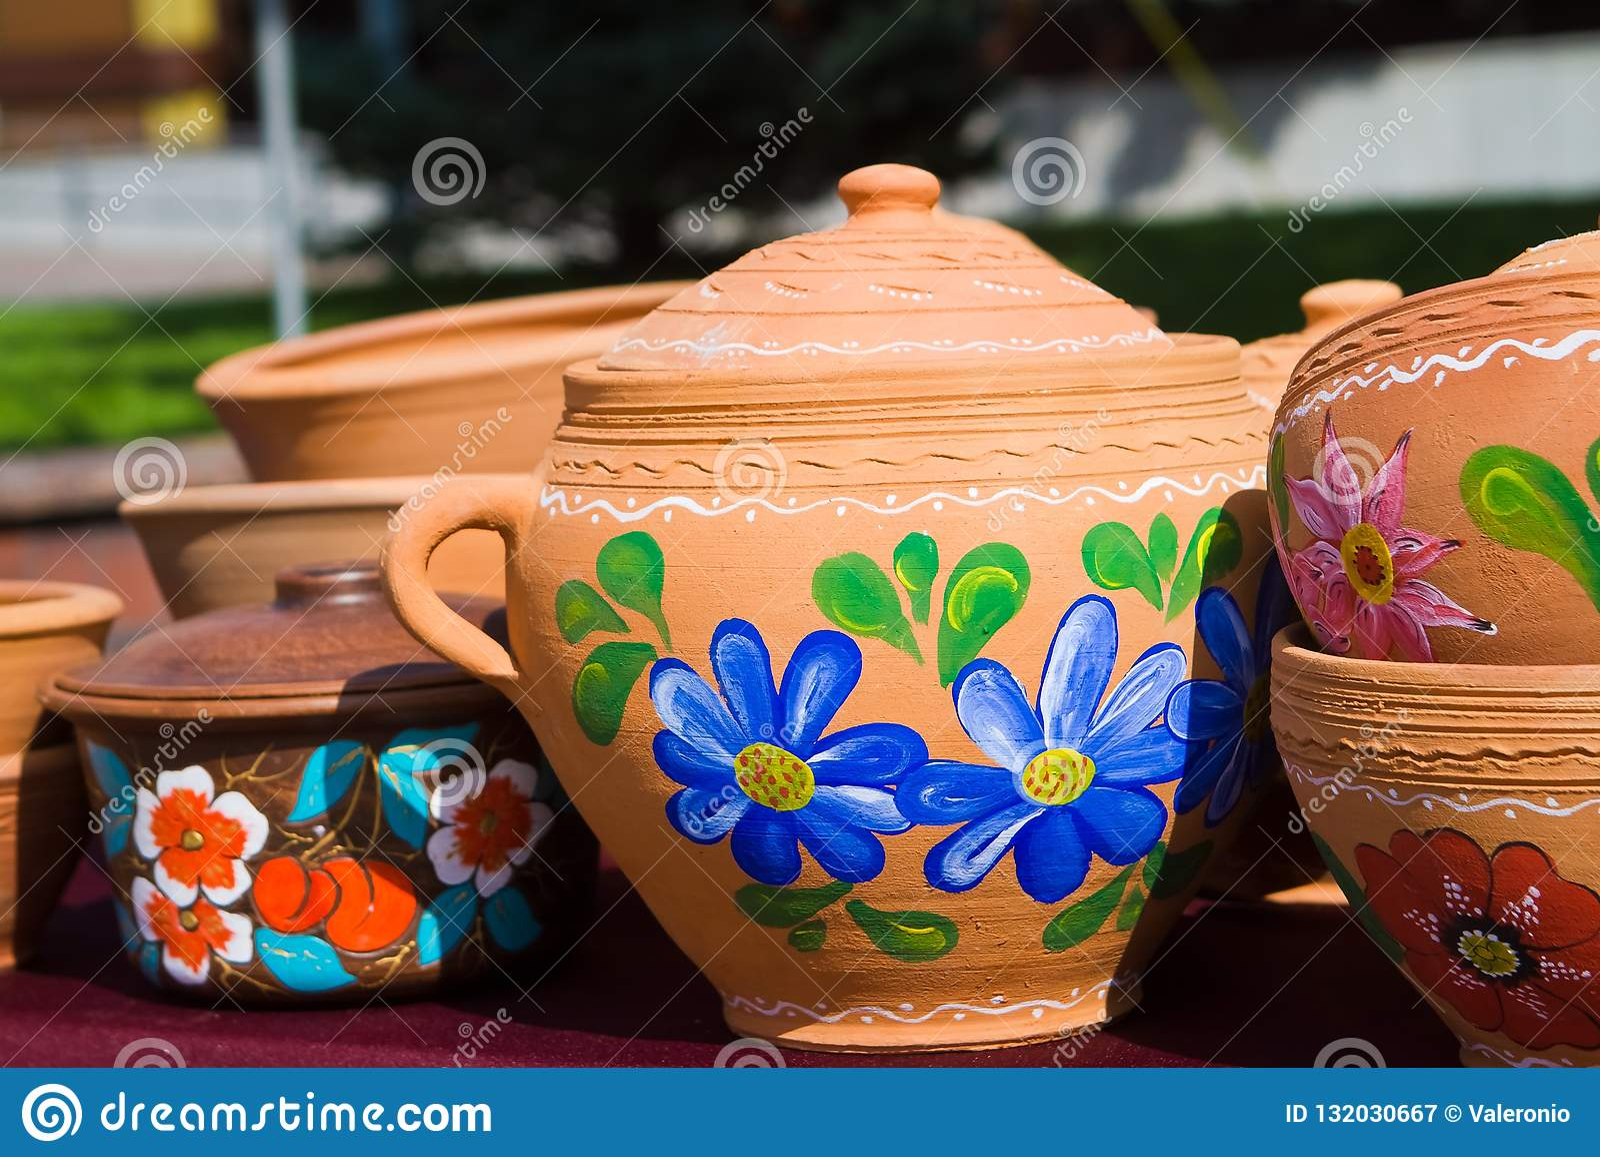 Handmade i handpainted ceramiczni gliniani dzbanki, garnki z pokrywami, jaskrawi kwieciści wzory